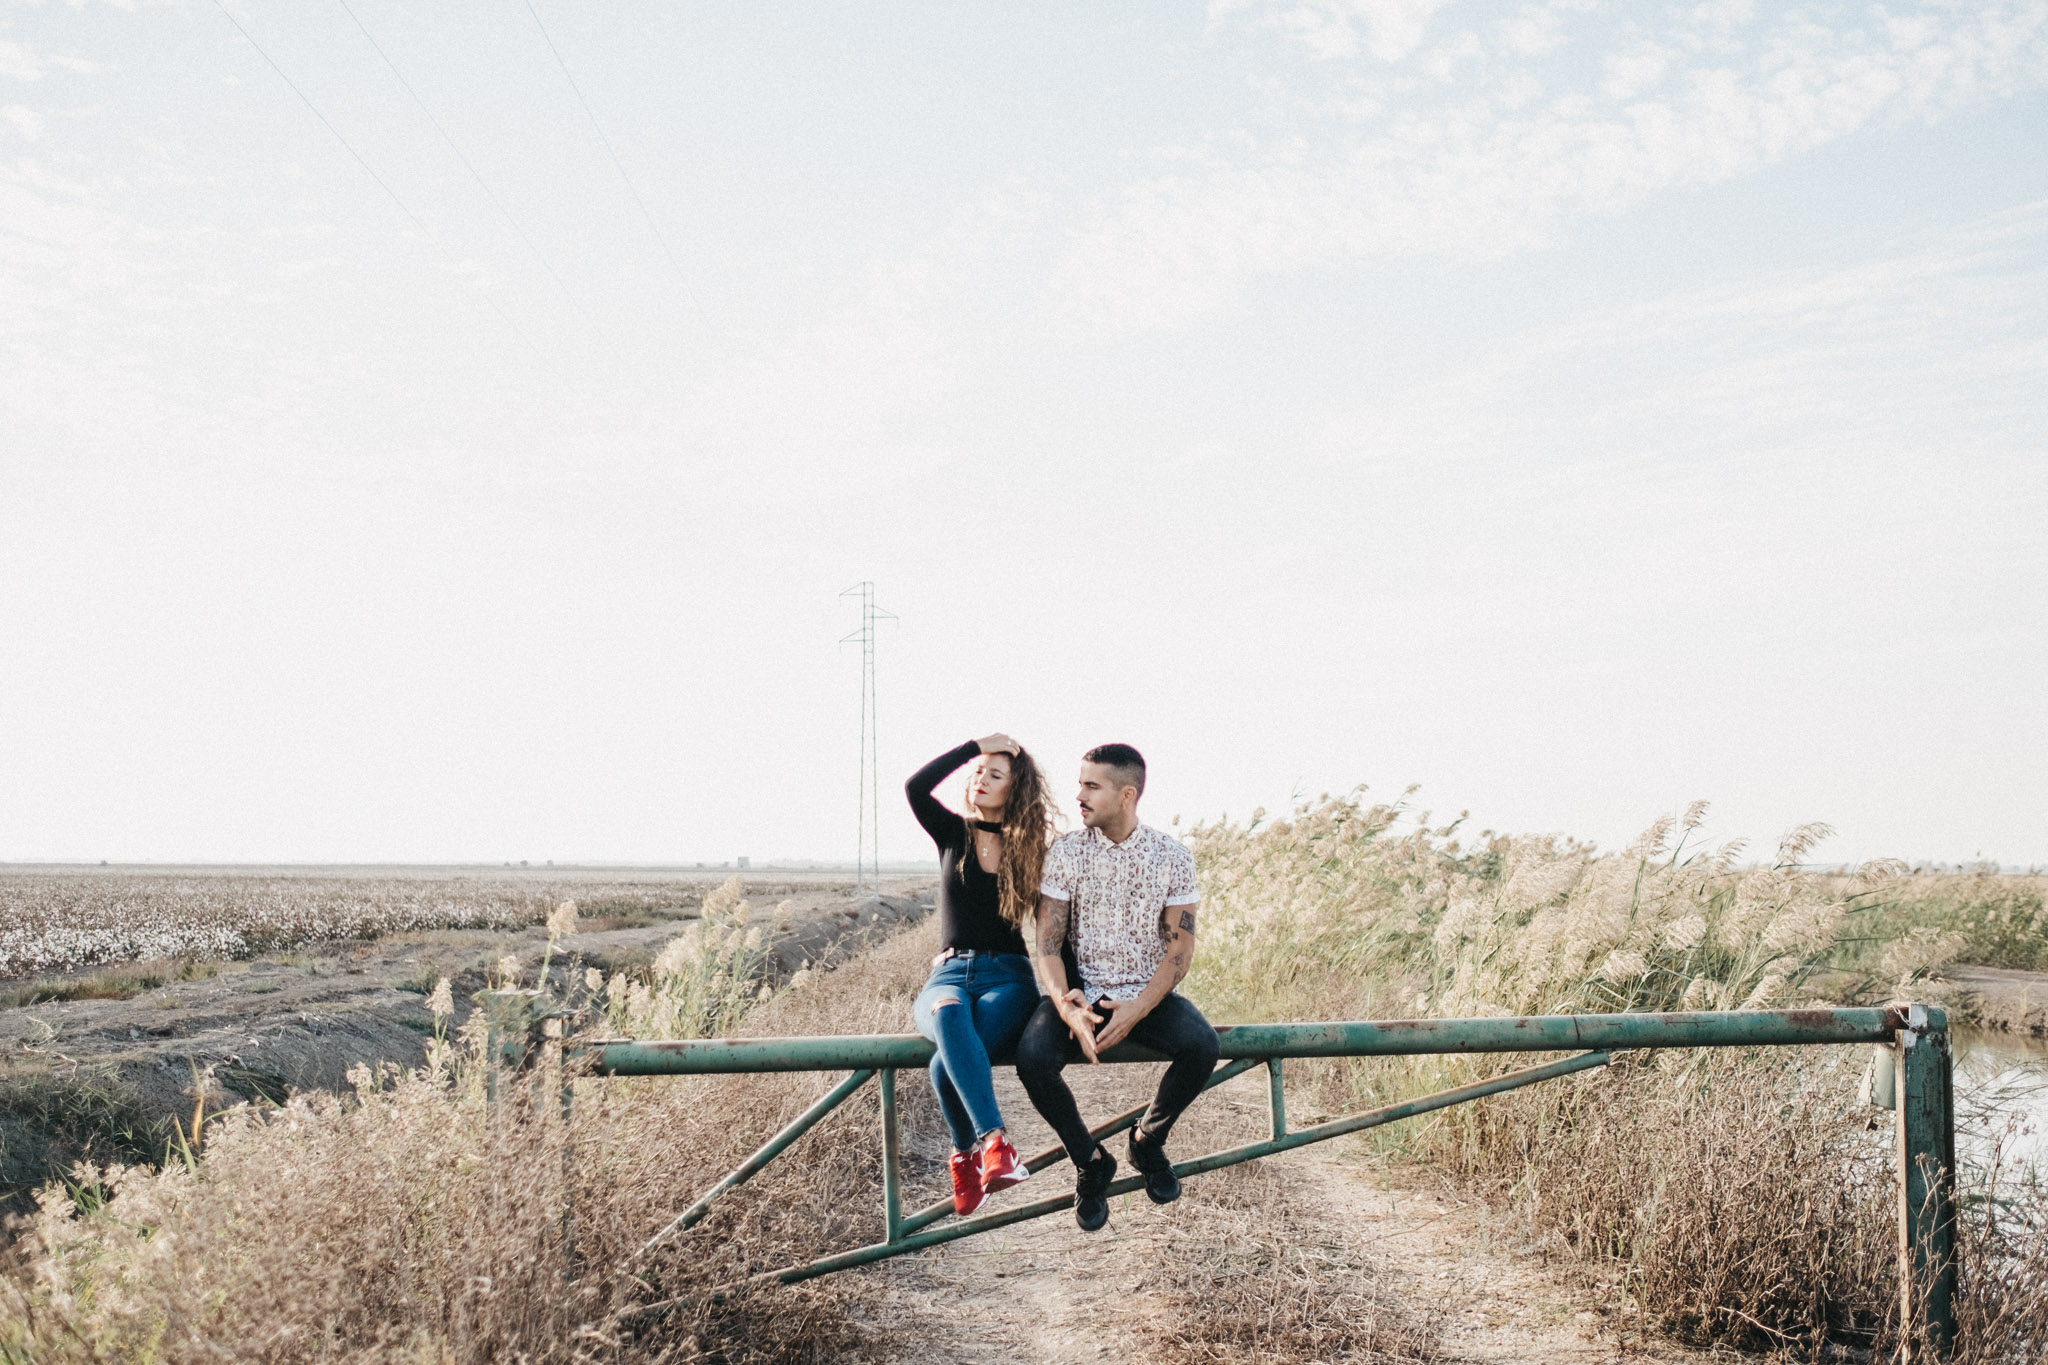 Diego&Lola_DFW_Wedding_Photography_04.jpg